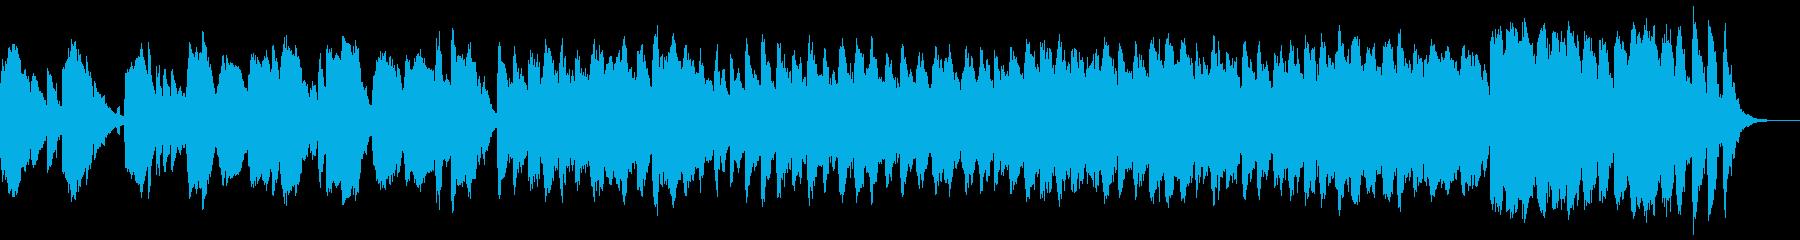 Elegant Classicalの再生済みの波形